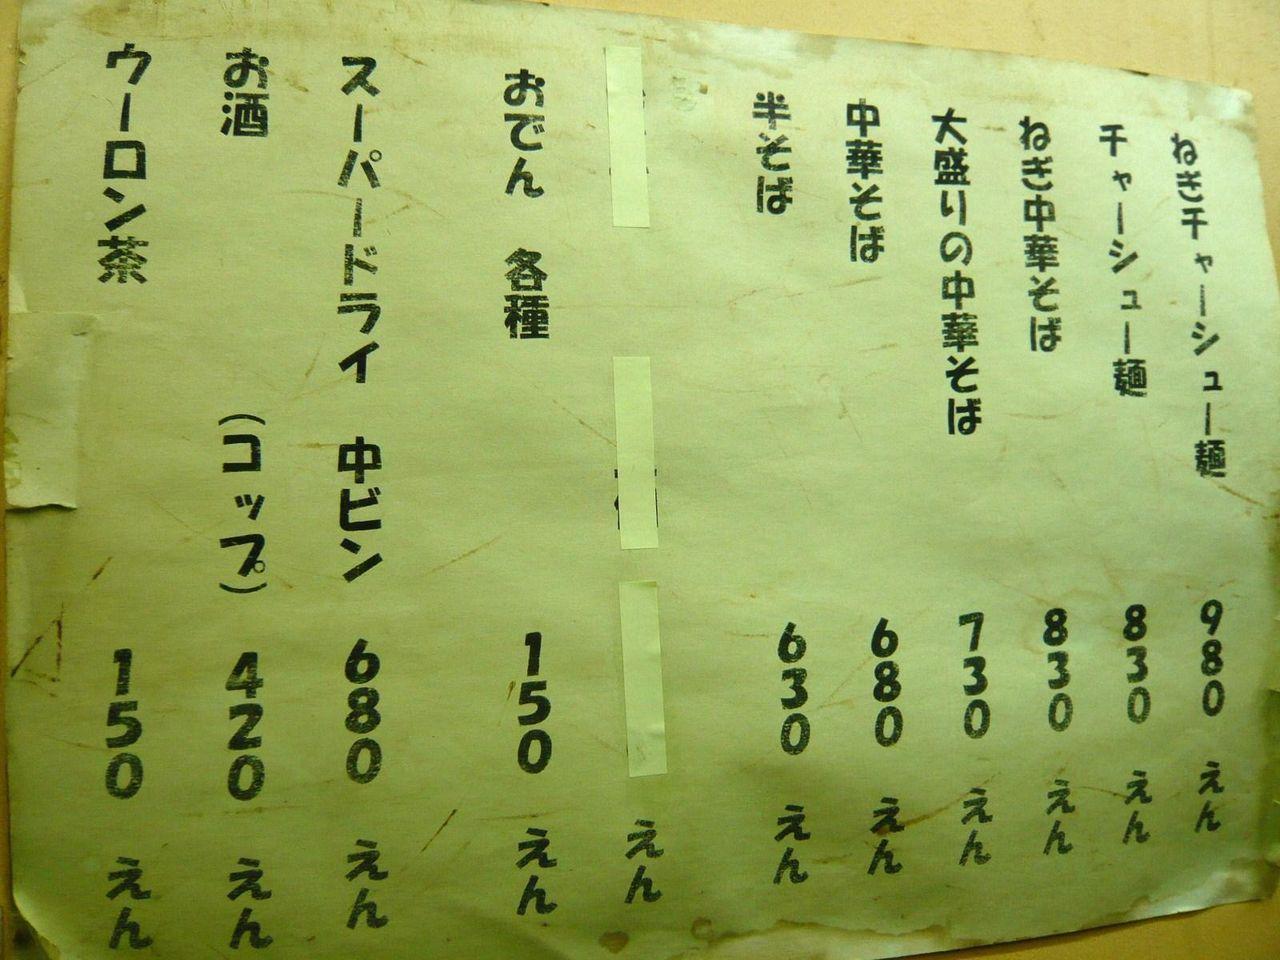 「うぐいす」のメニュー(22年12月現在)